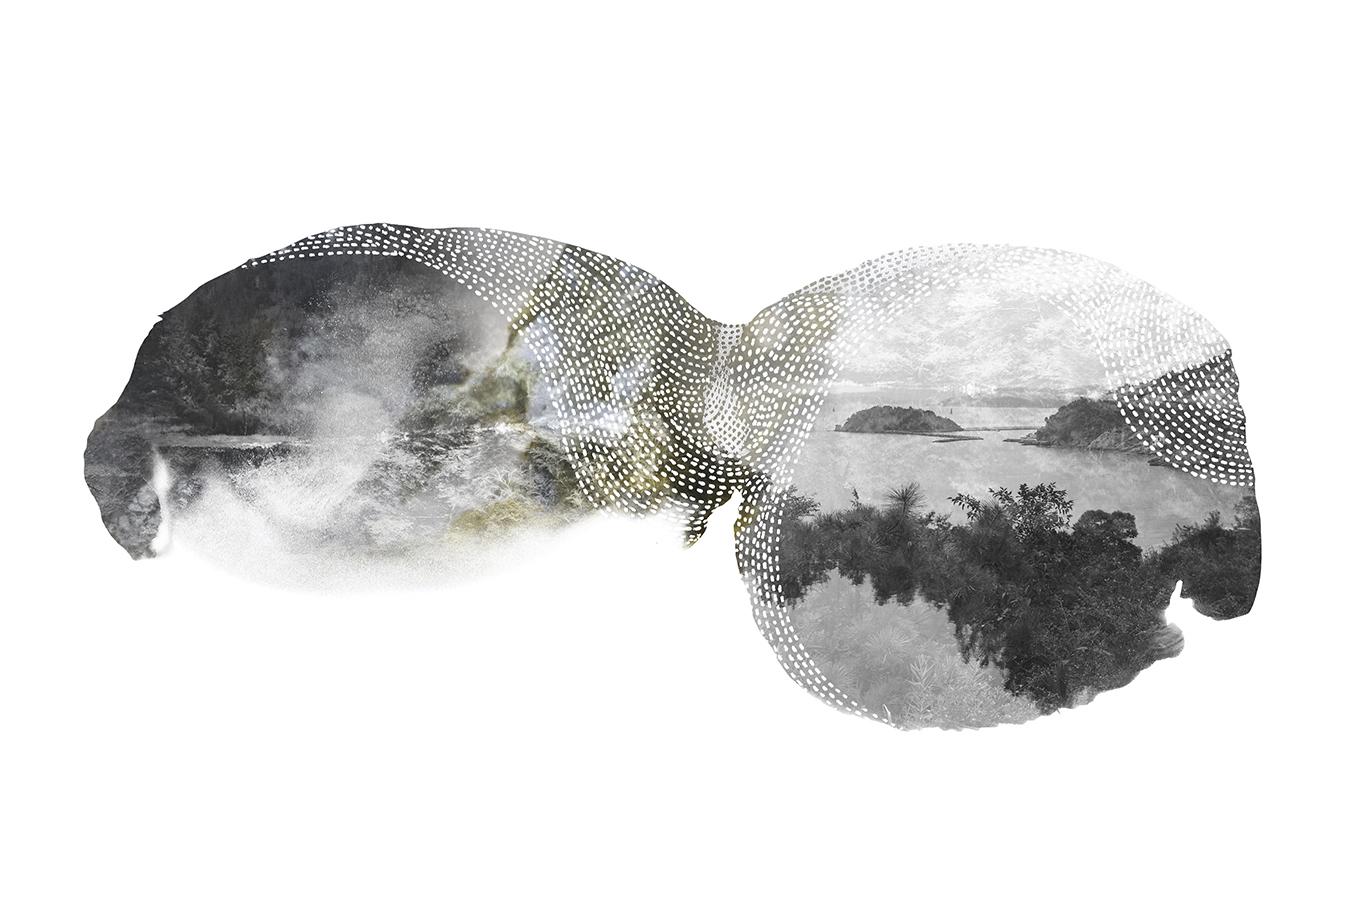 Islands 02, mixedmedia, 10 x 6 inches, 2015